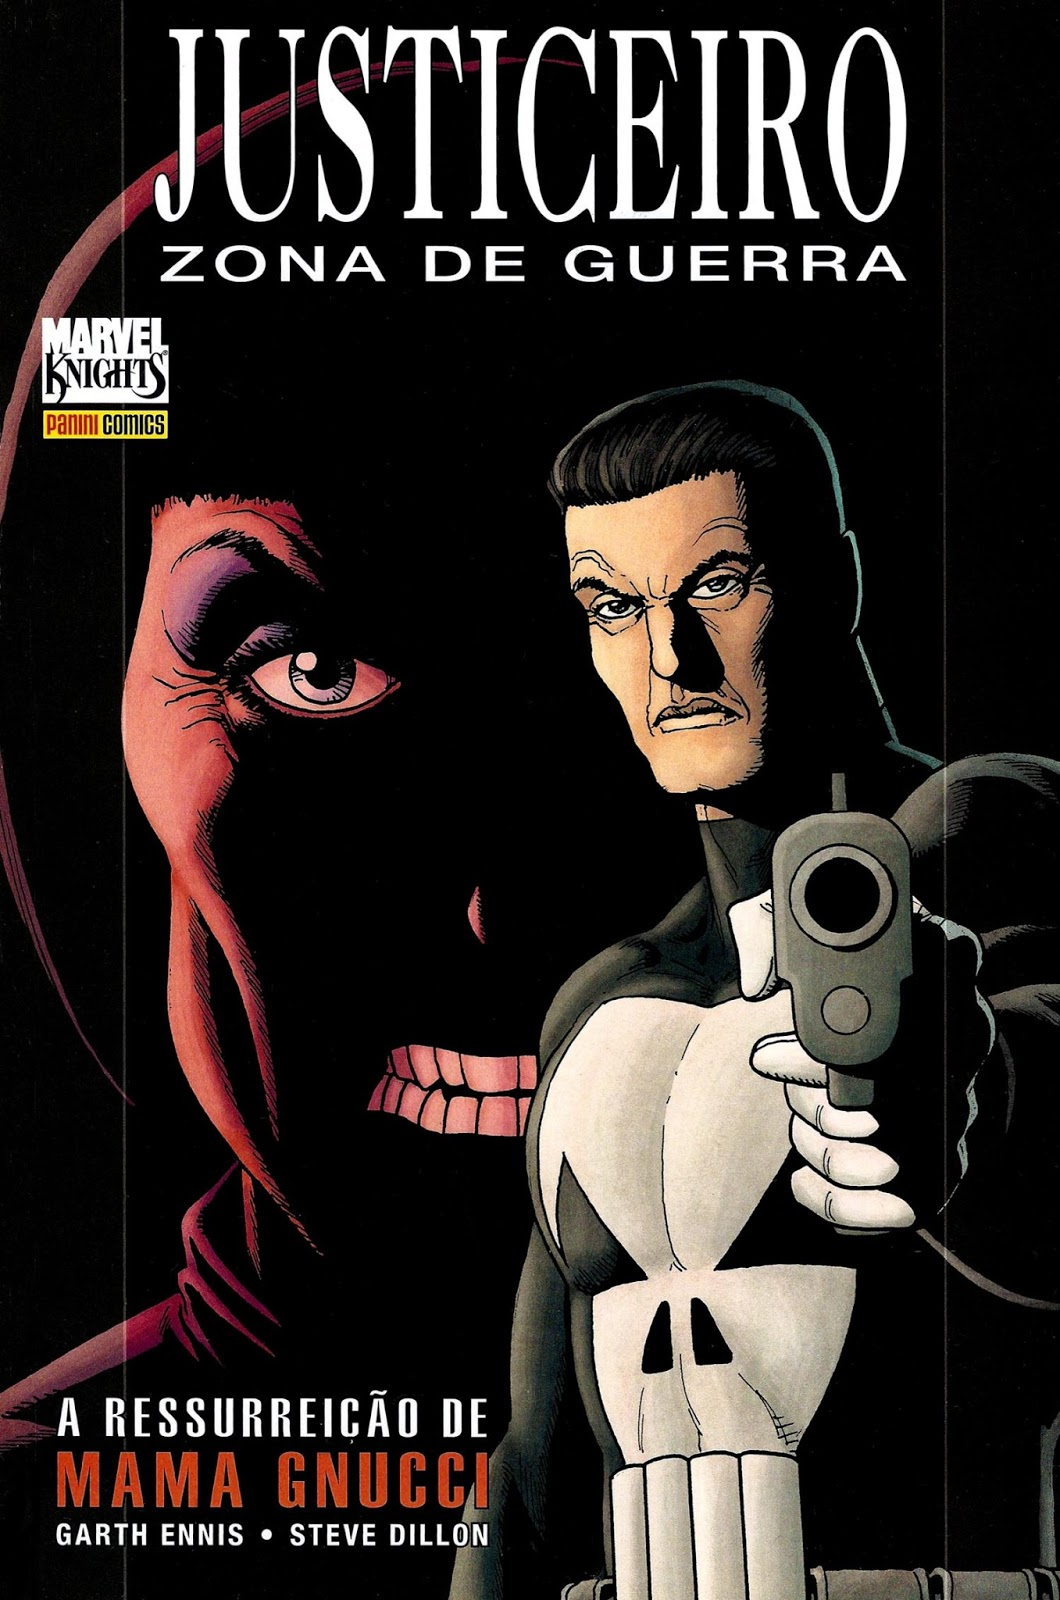 justiceiro-netflix-3-quadrinhos-02